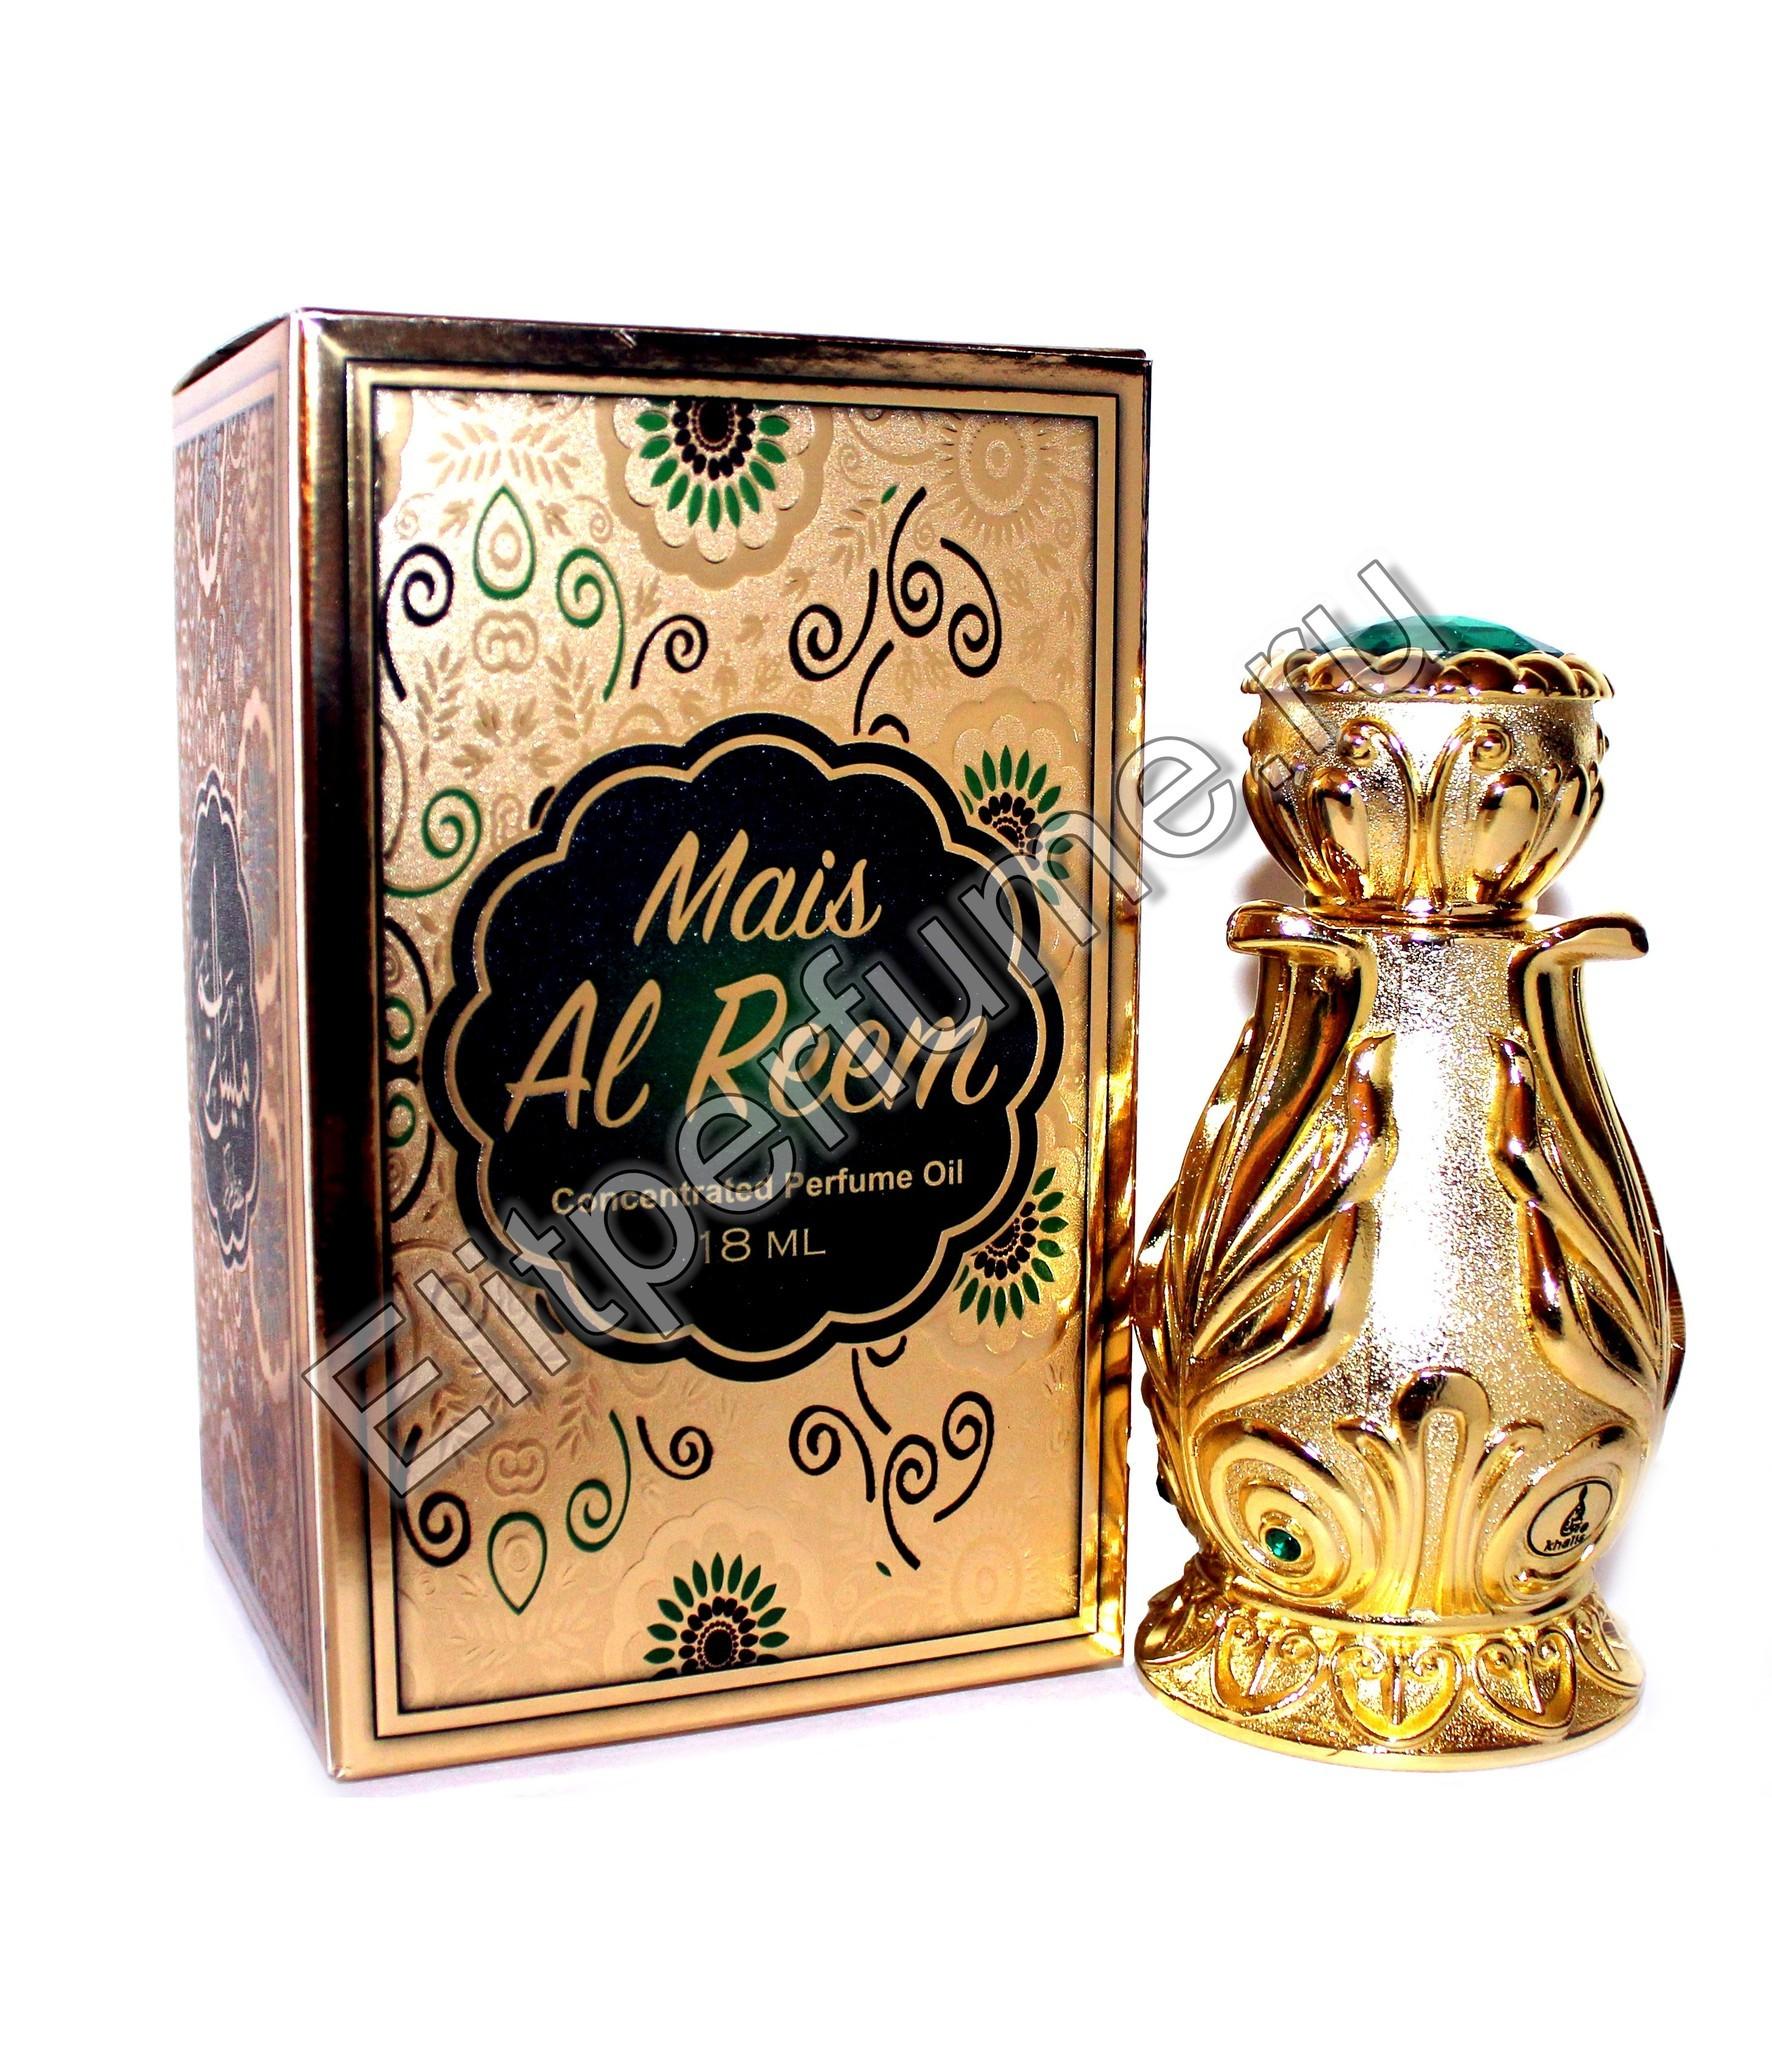 Пробник для Mais Al Reem / Майс Аль Рим 1 мл арабские масляные духи от Халис Khalis Perfumes